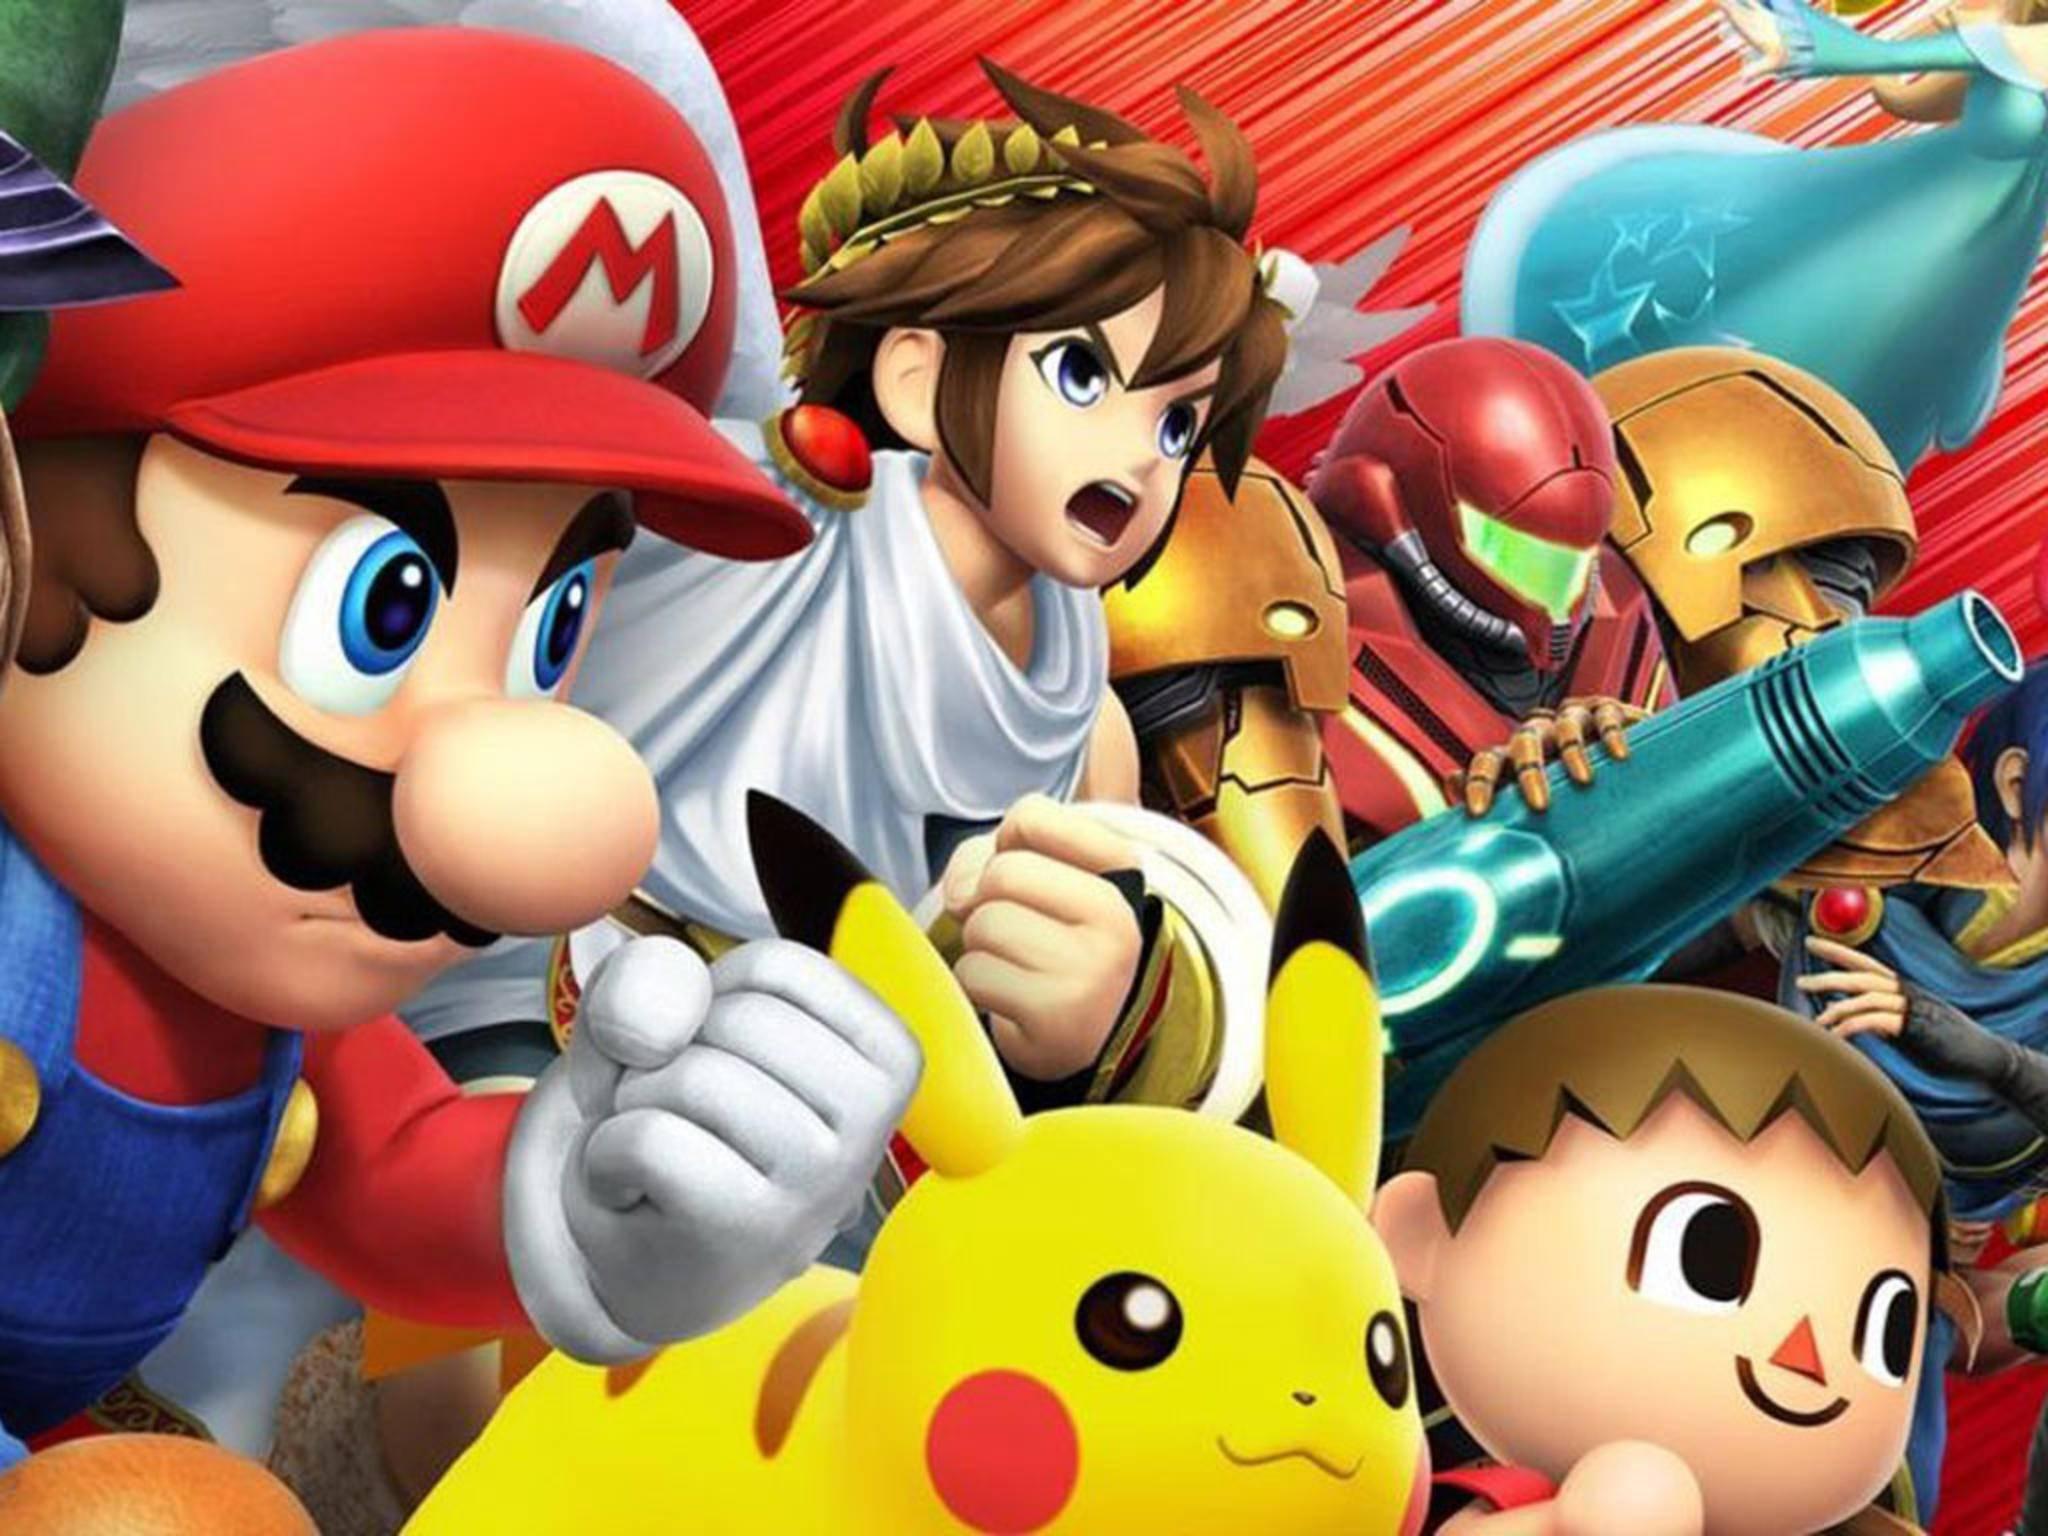 Mit der Nintendo NX möchte der Hersteller eine neue Gaming-Erfahrung bieten.